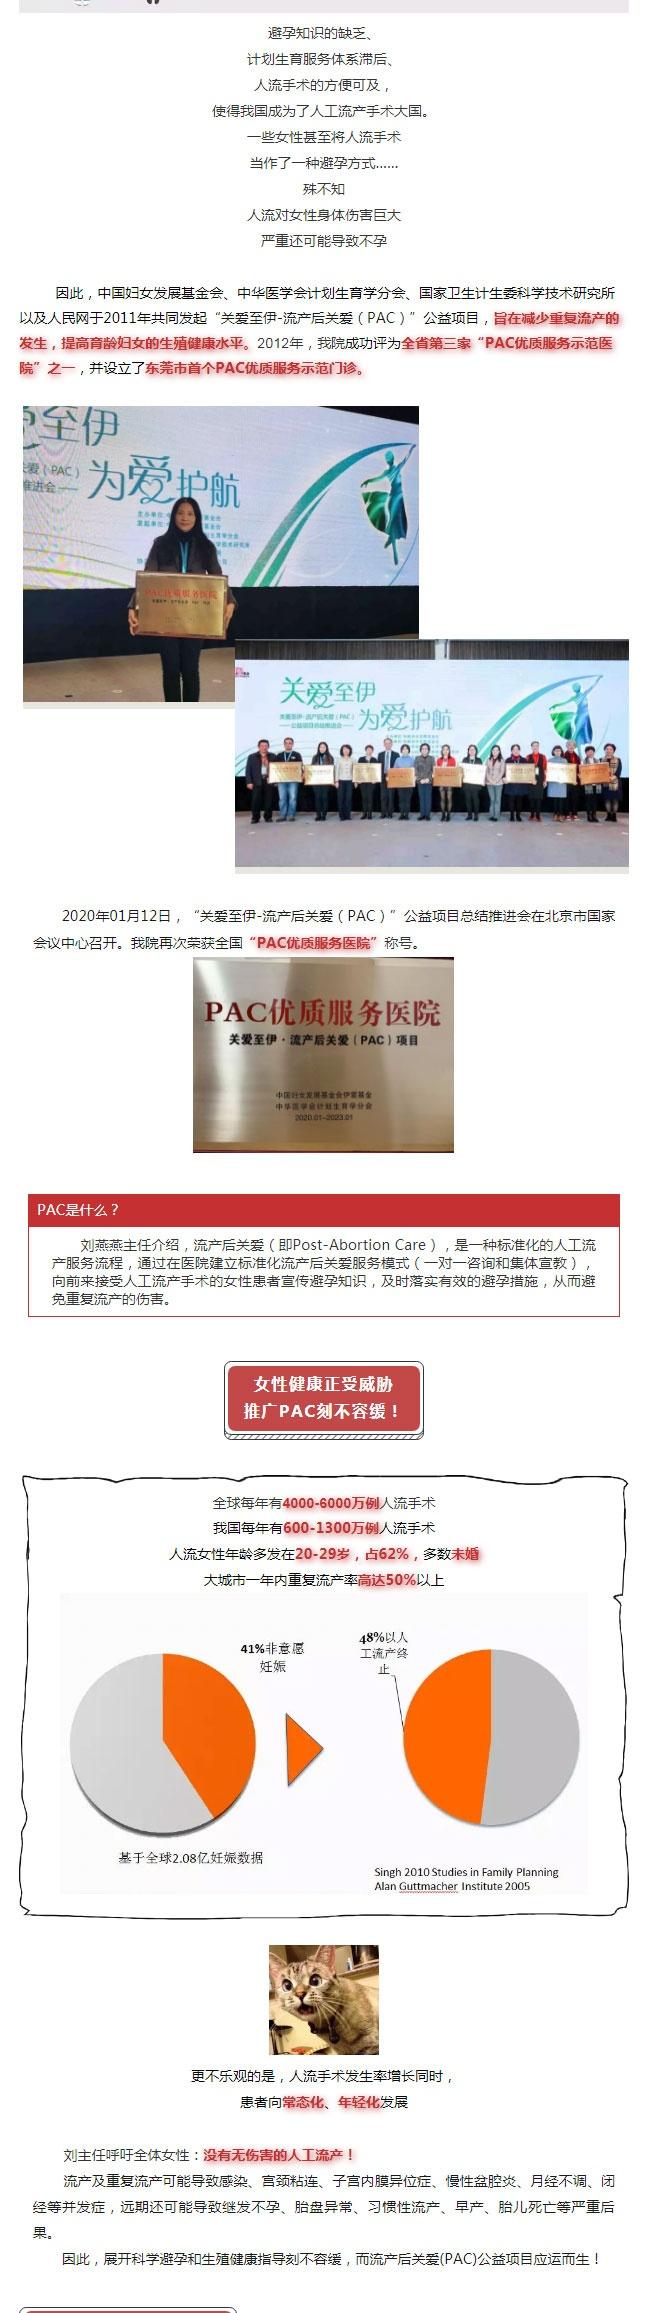 """【女性福音】再获全国""""PAC优质服务医院"""",温暖行动第十年……_02.jpg"""